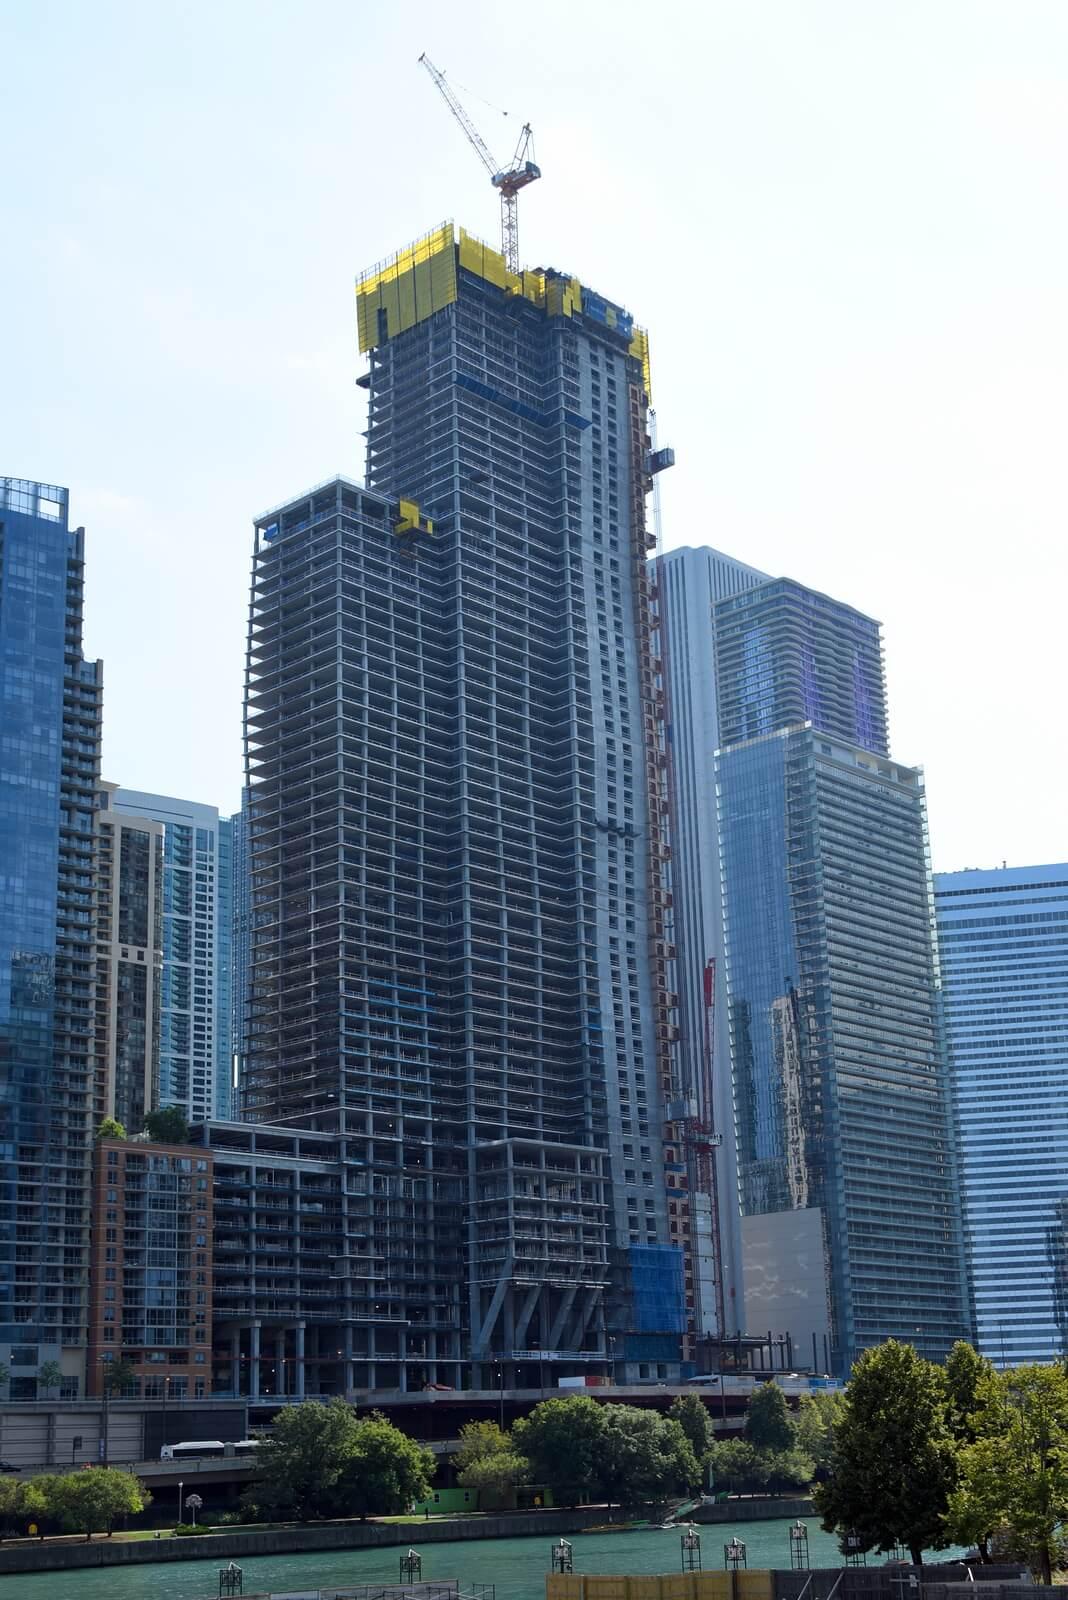 Vista Tower in Chicago under construction